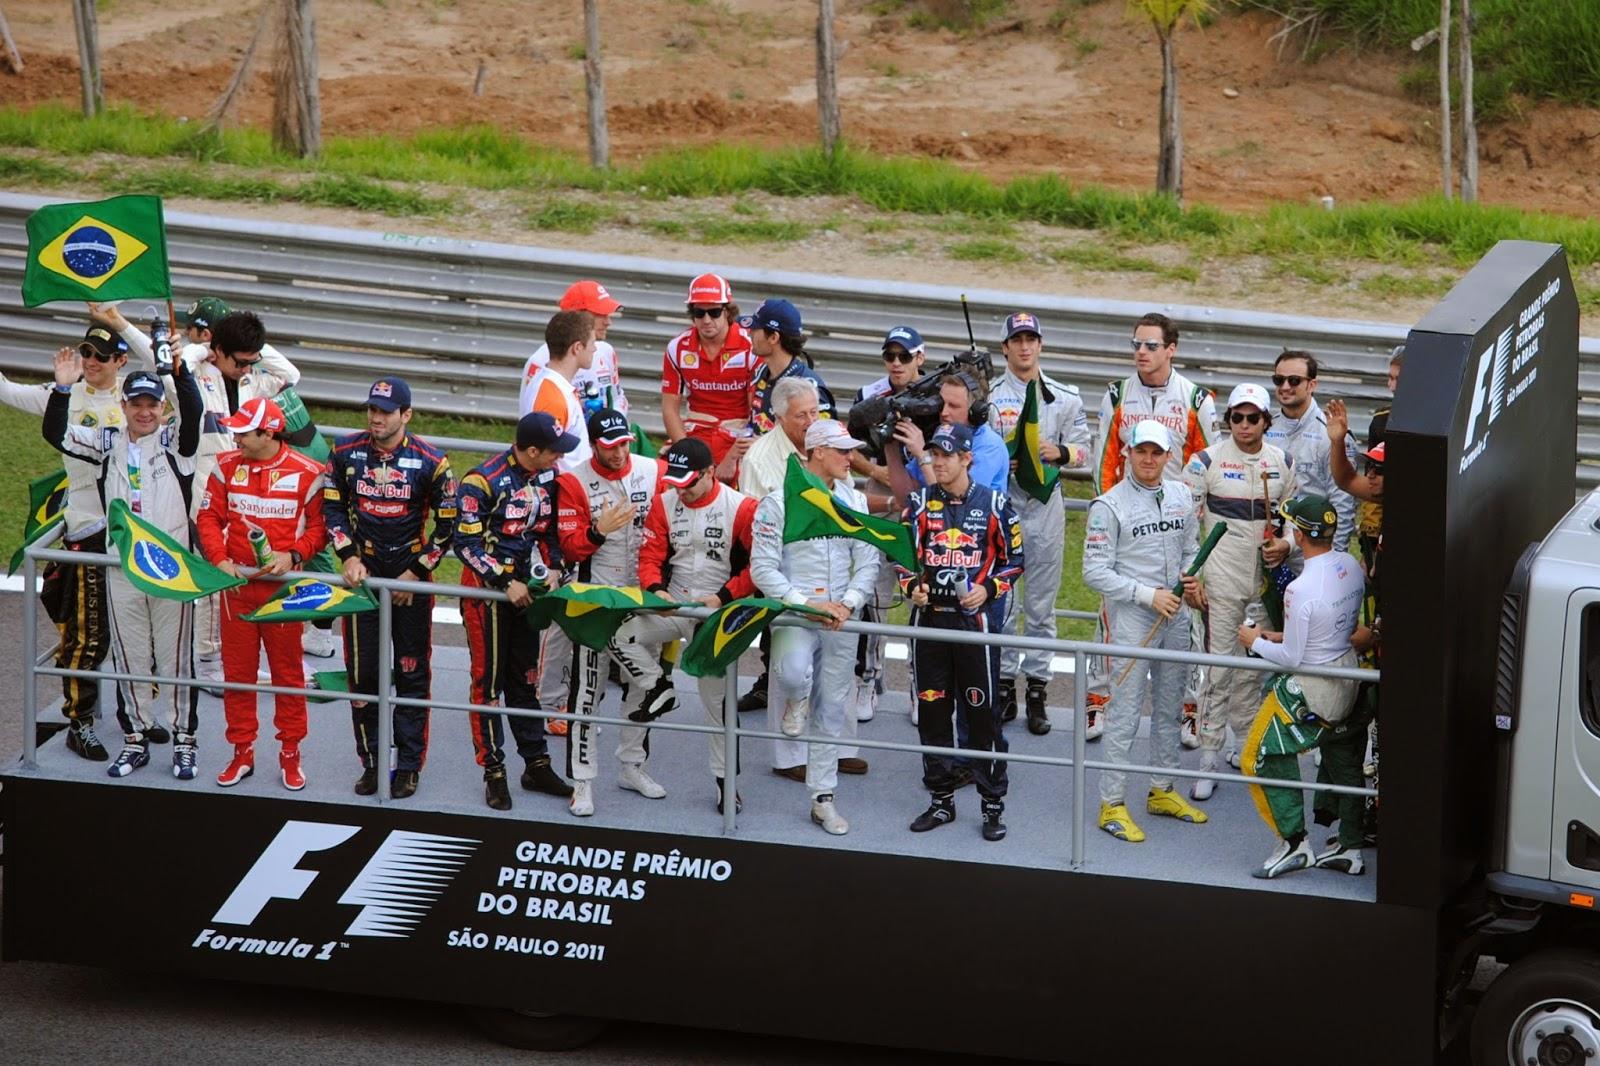 Photo of GP do Brasil de F1 sinceramente está difícil – Dia 188 dos 365 dias mais importantes da história do automobilismo – Segunda Temporada.